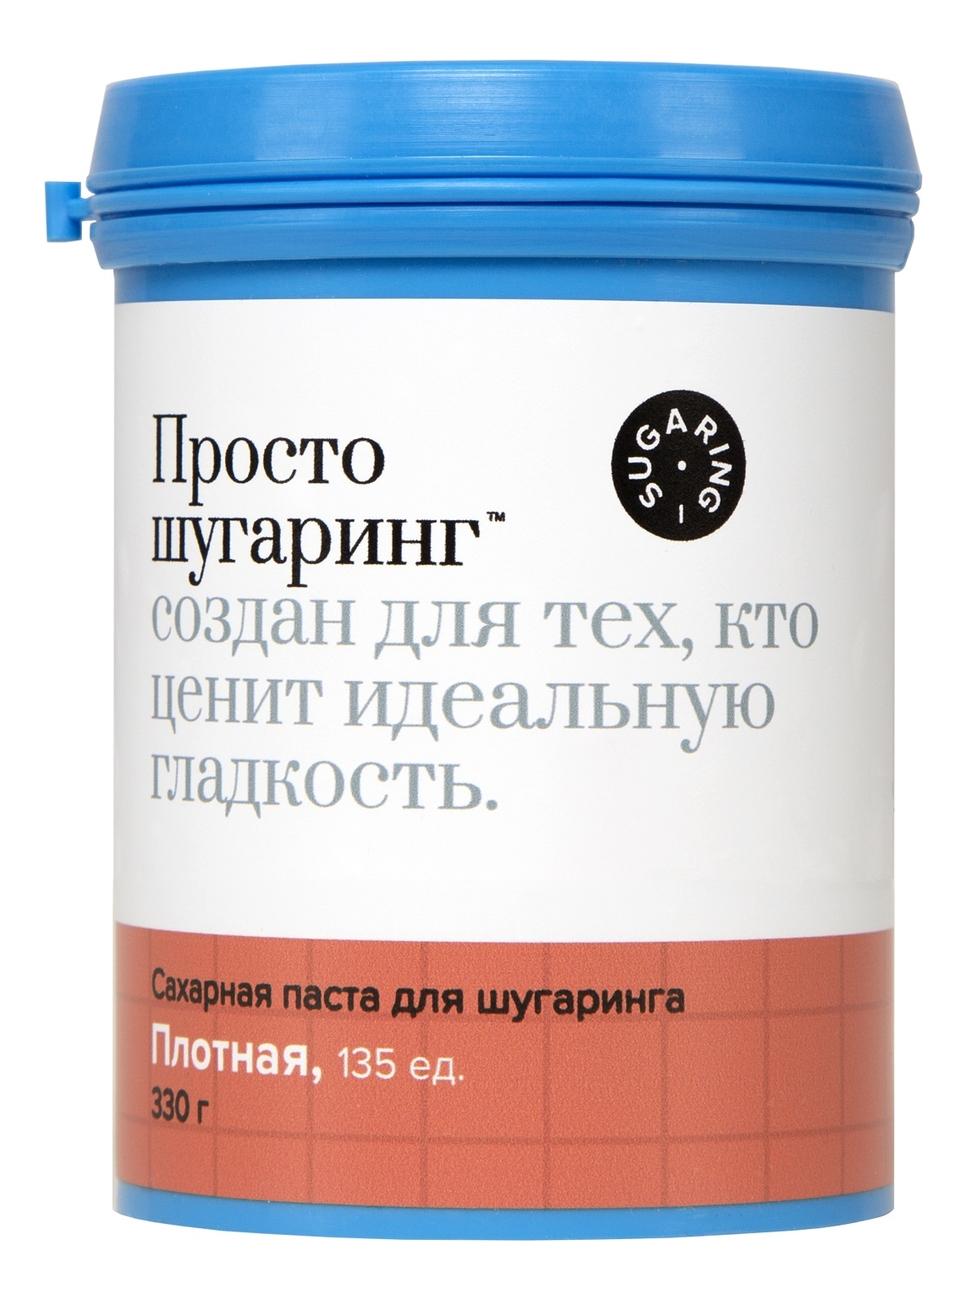 Плотная сахарная паста для депиляции: Паста 330г